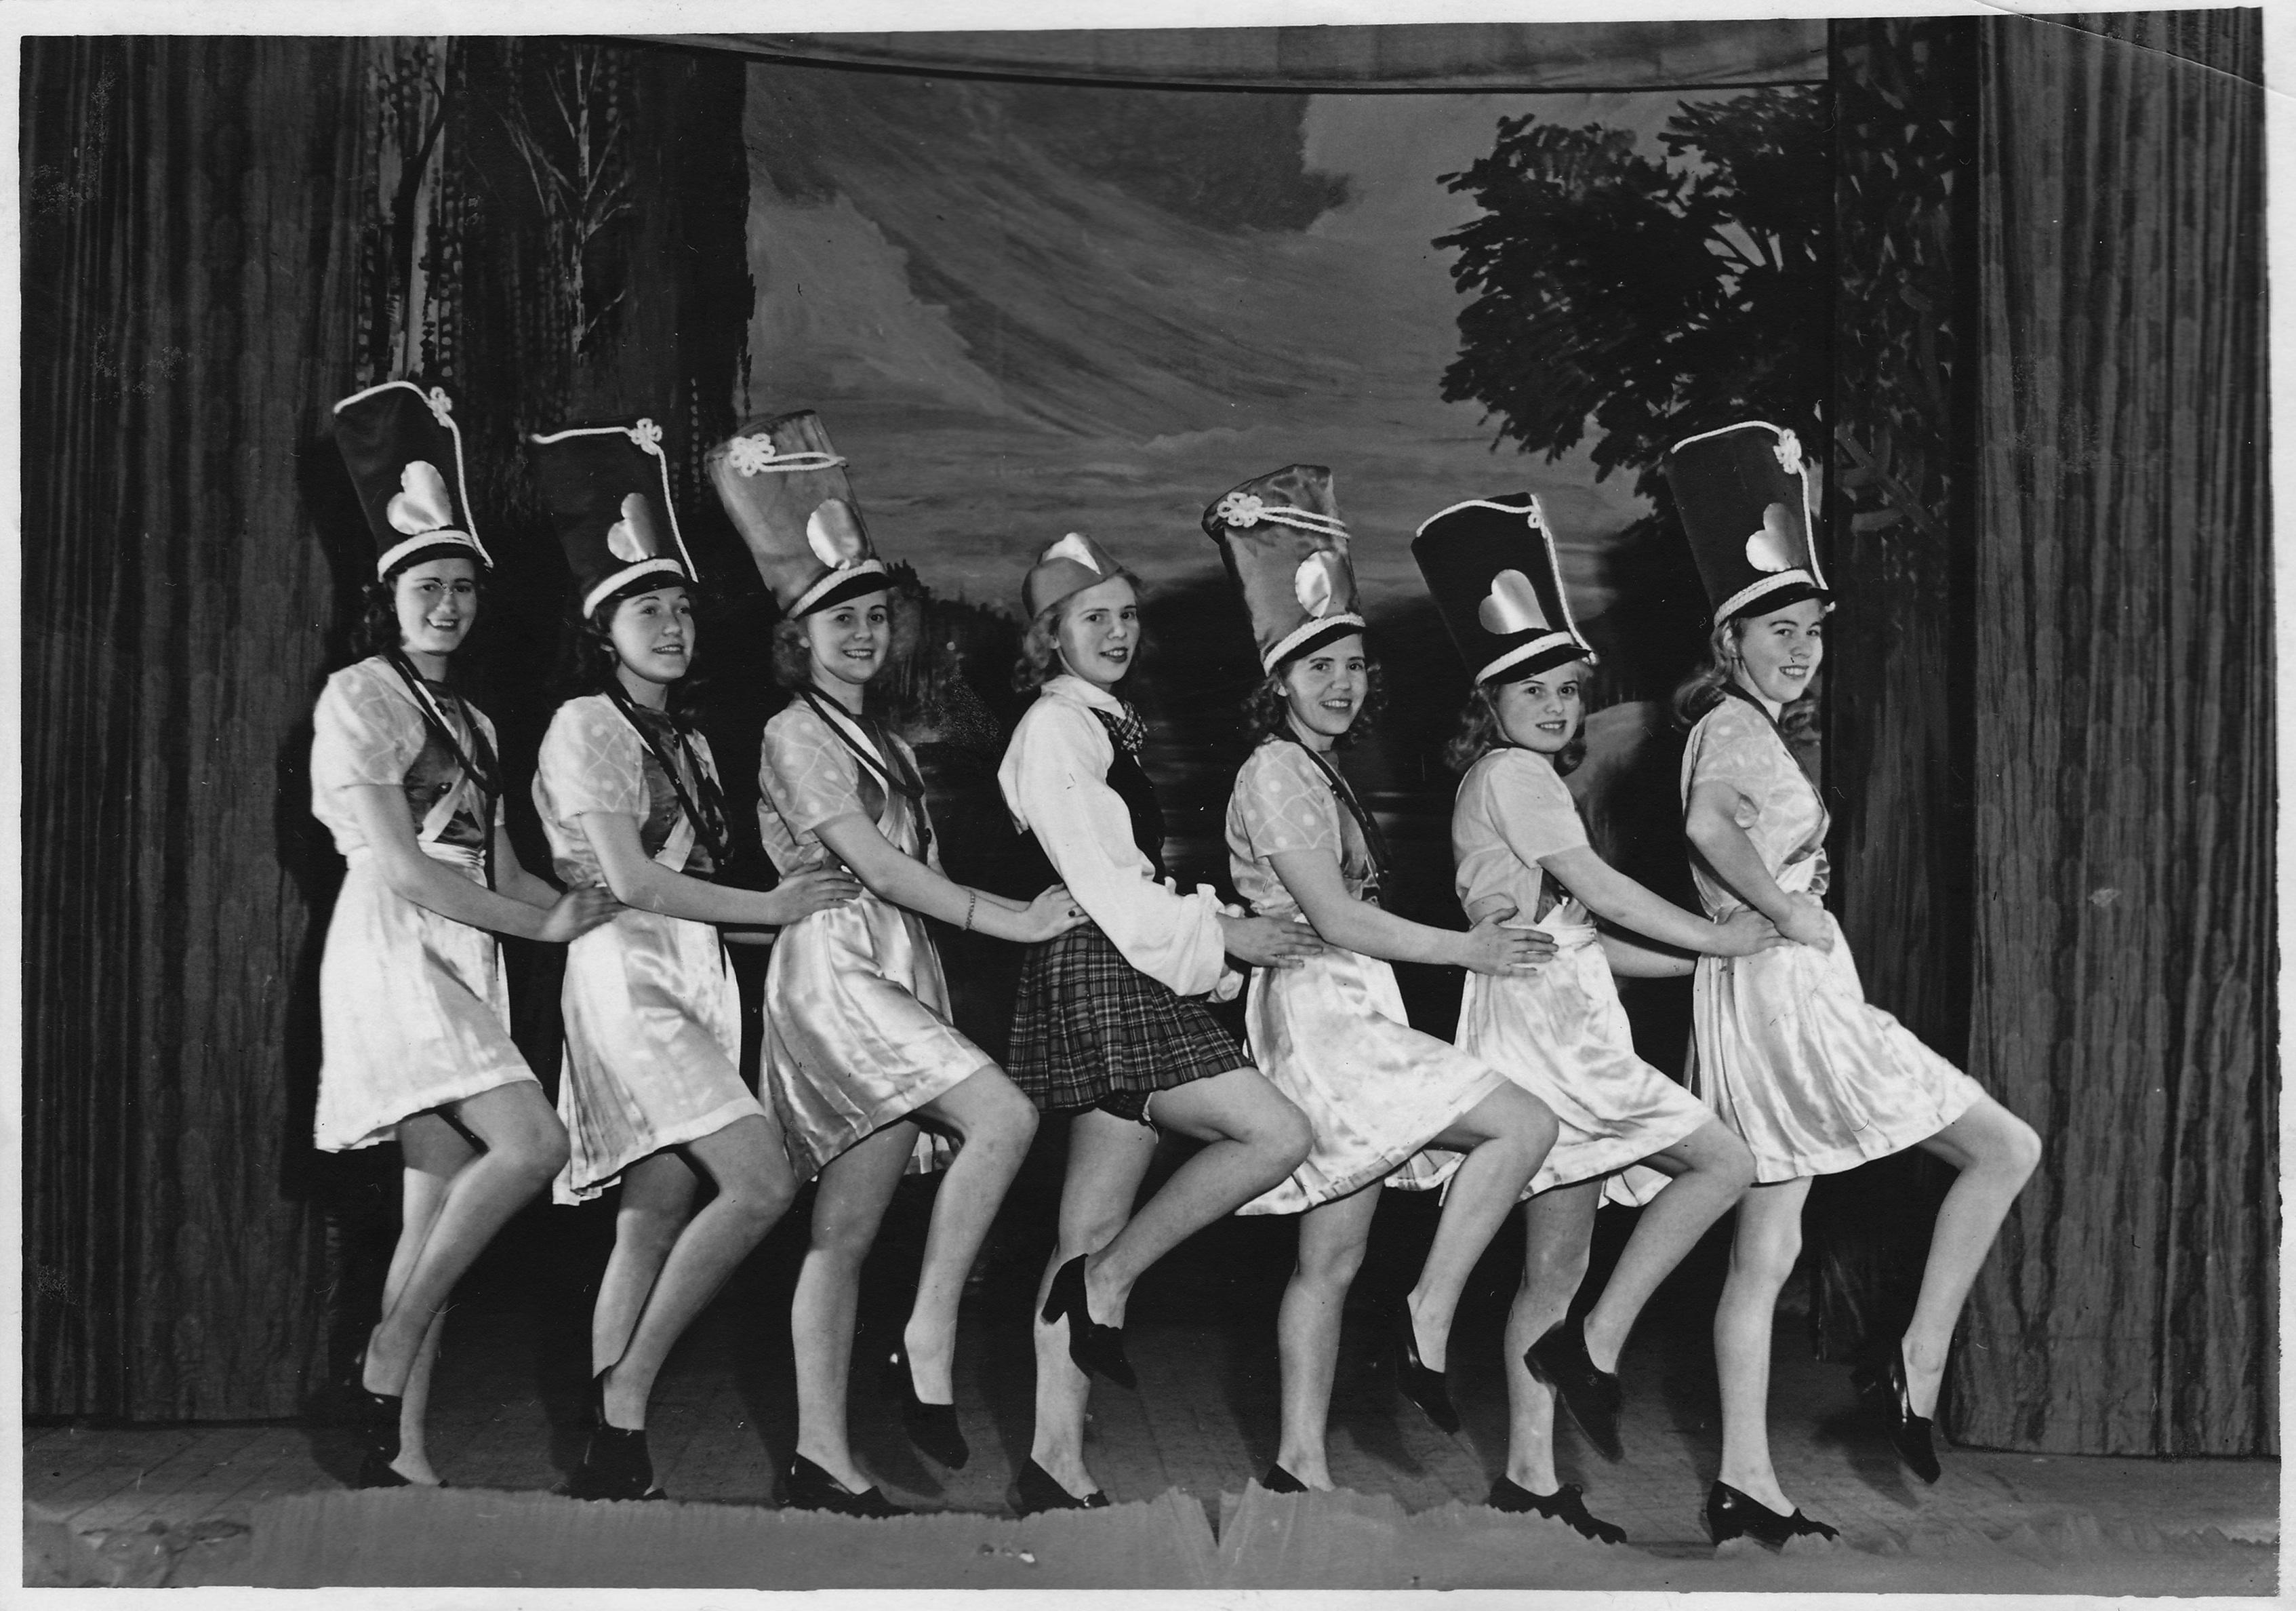 Högforsrevyn 1945 bensprattel